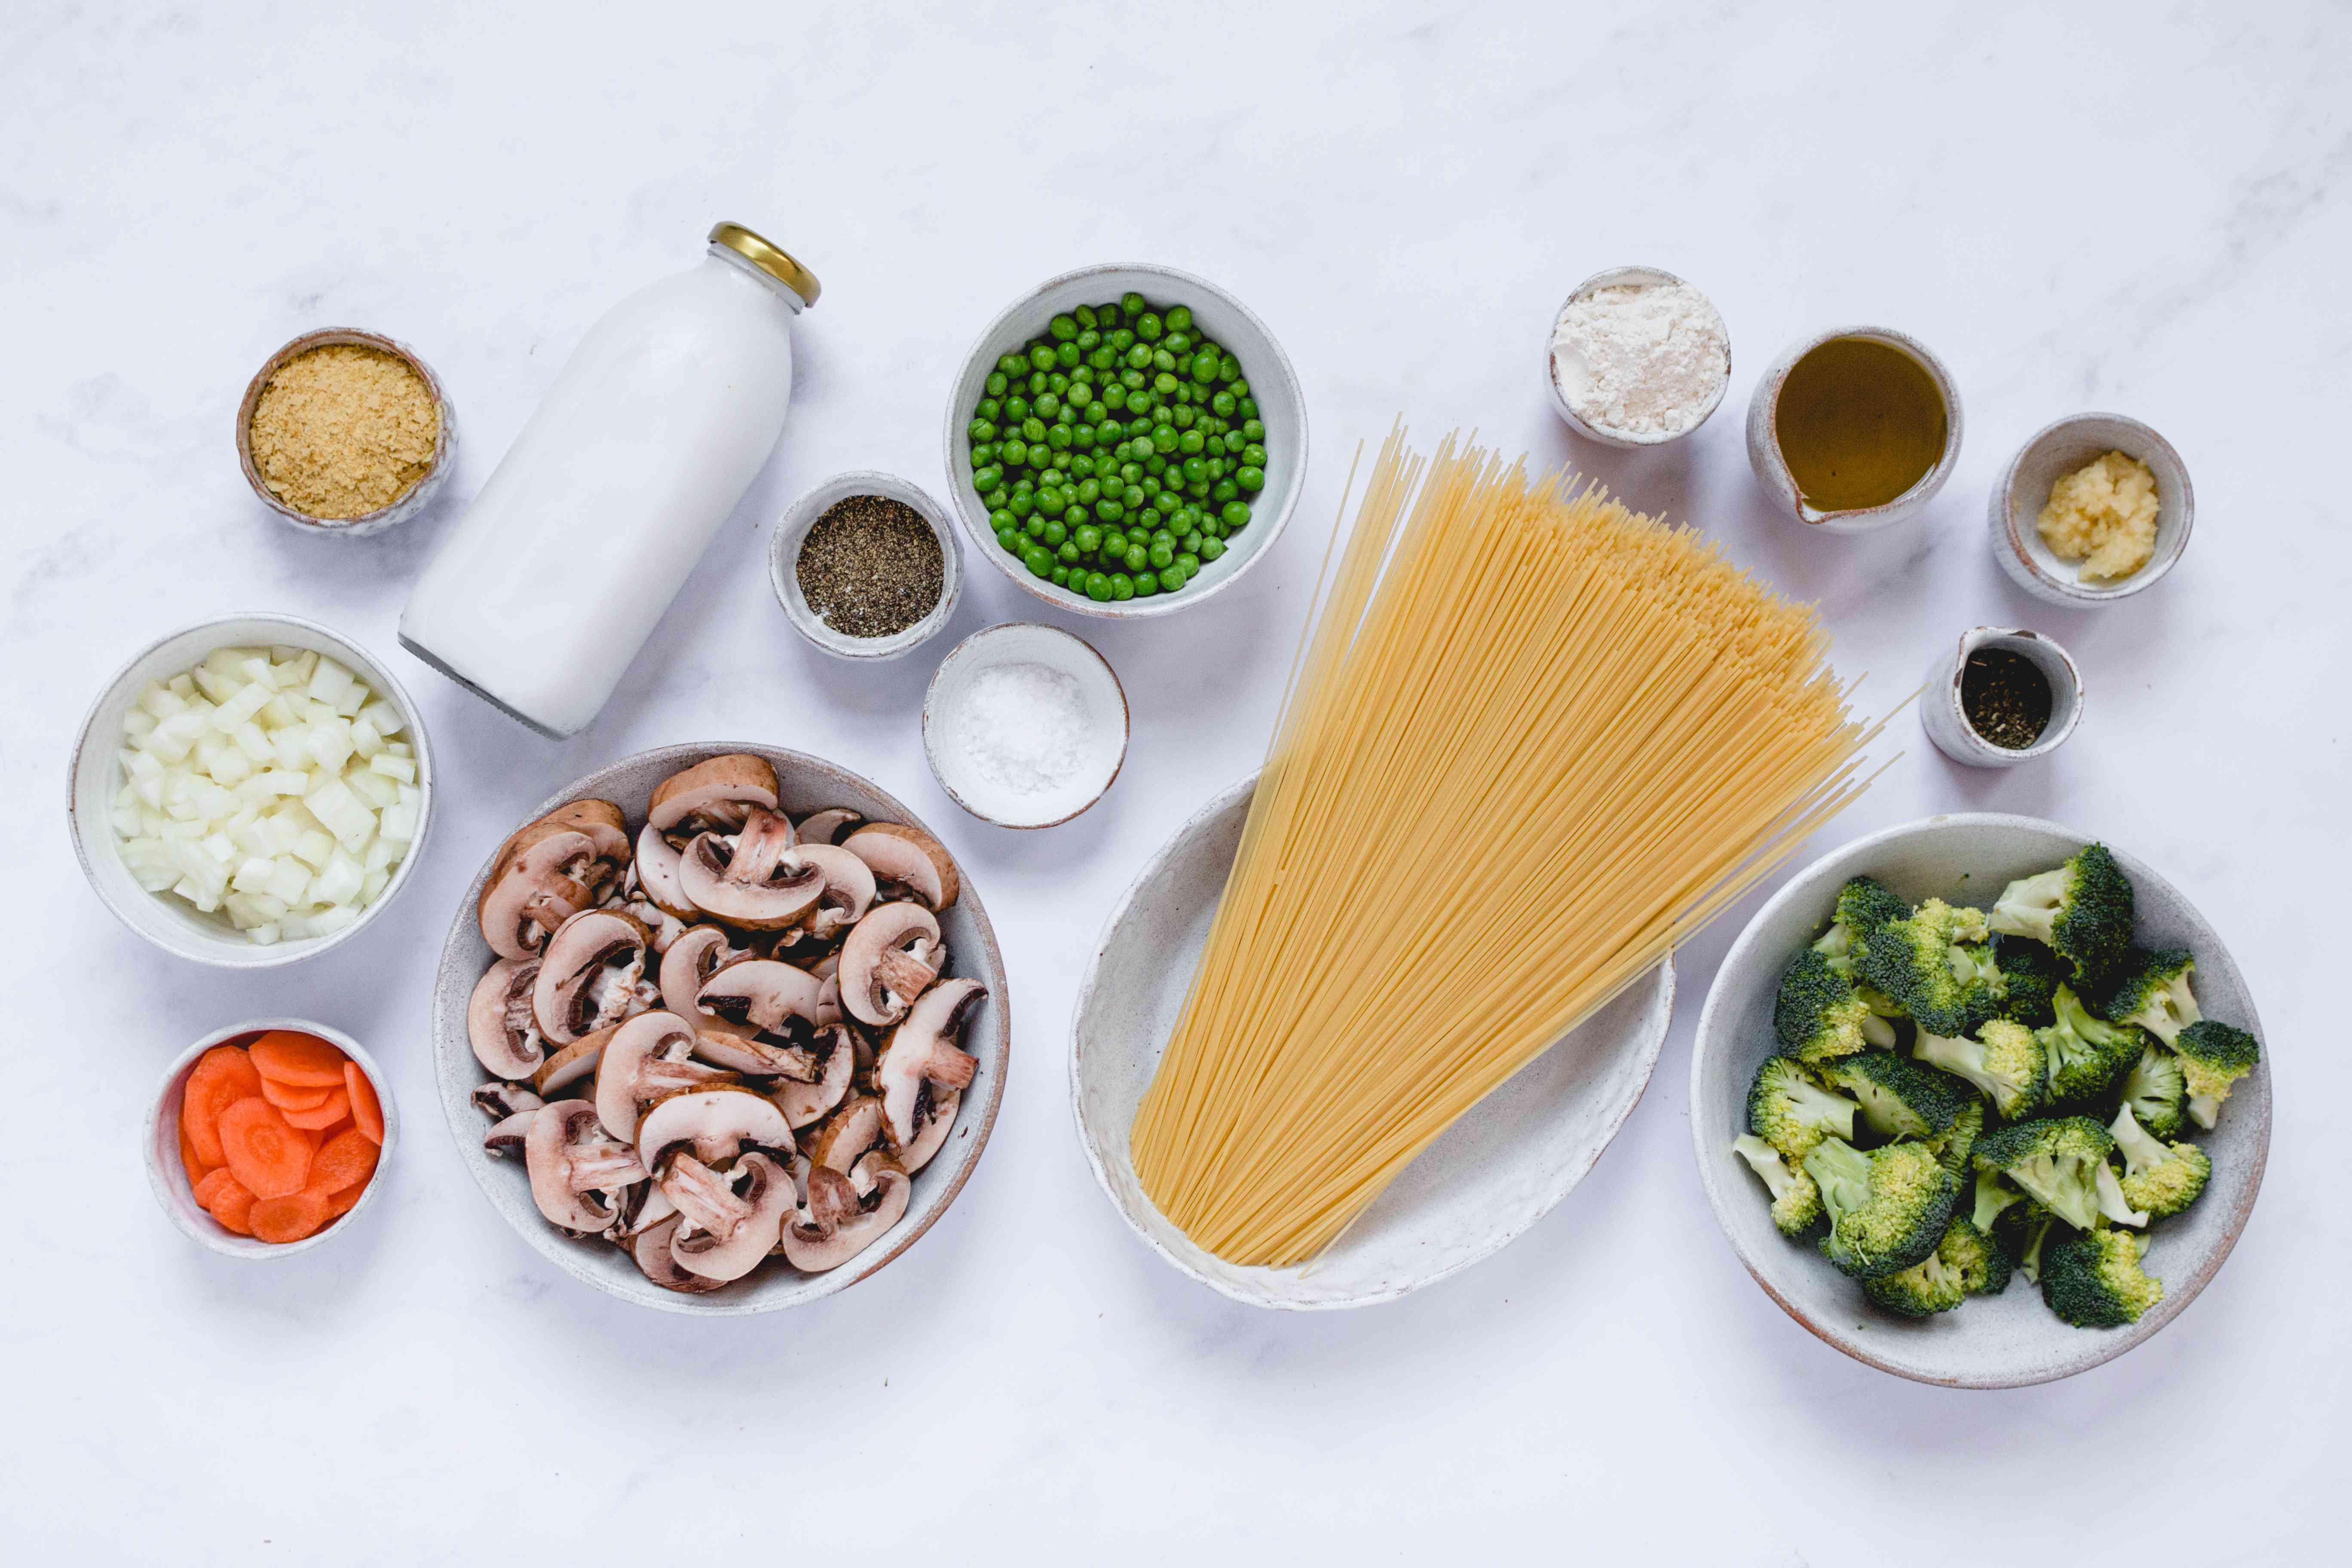 Vegan Angel Hair Pasta Primavera ingredients